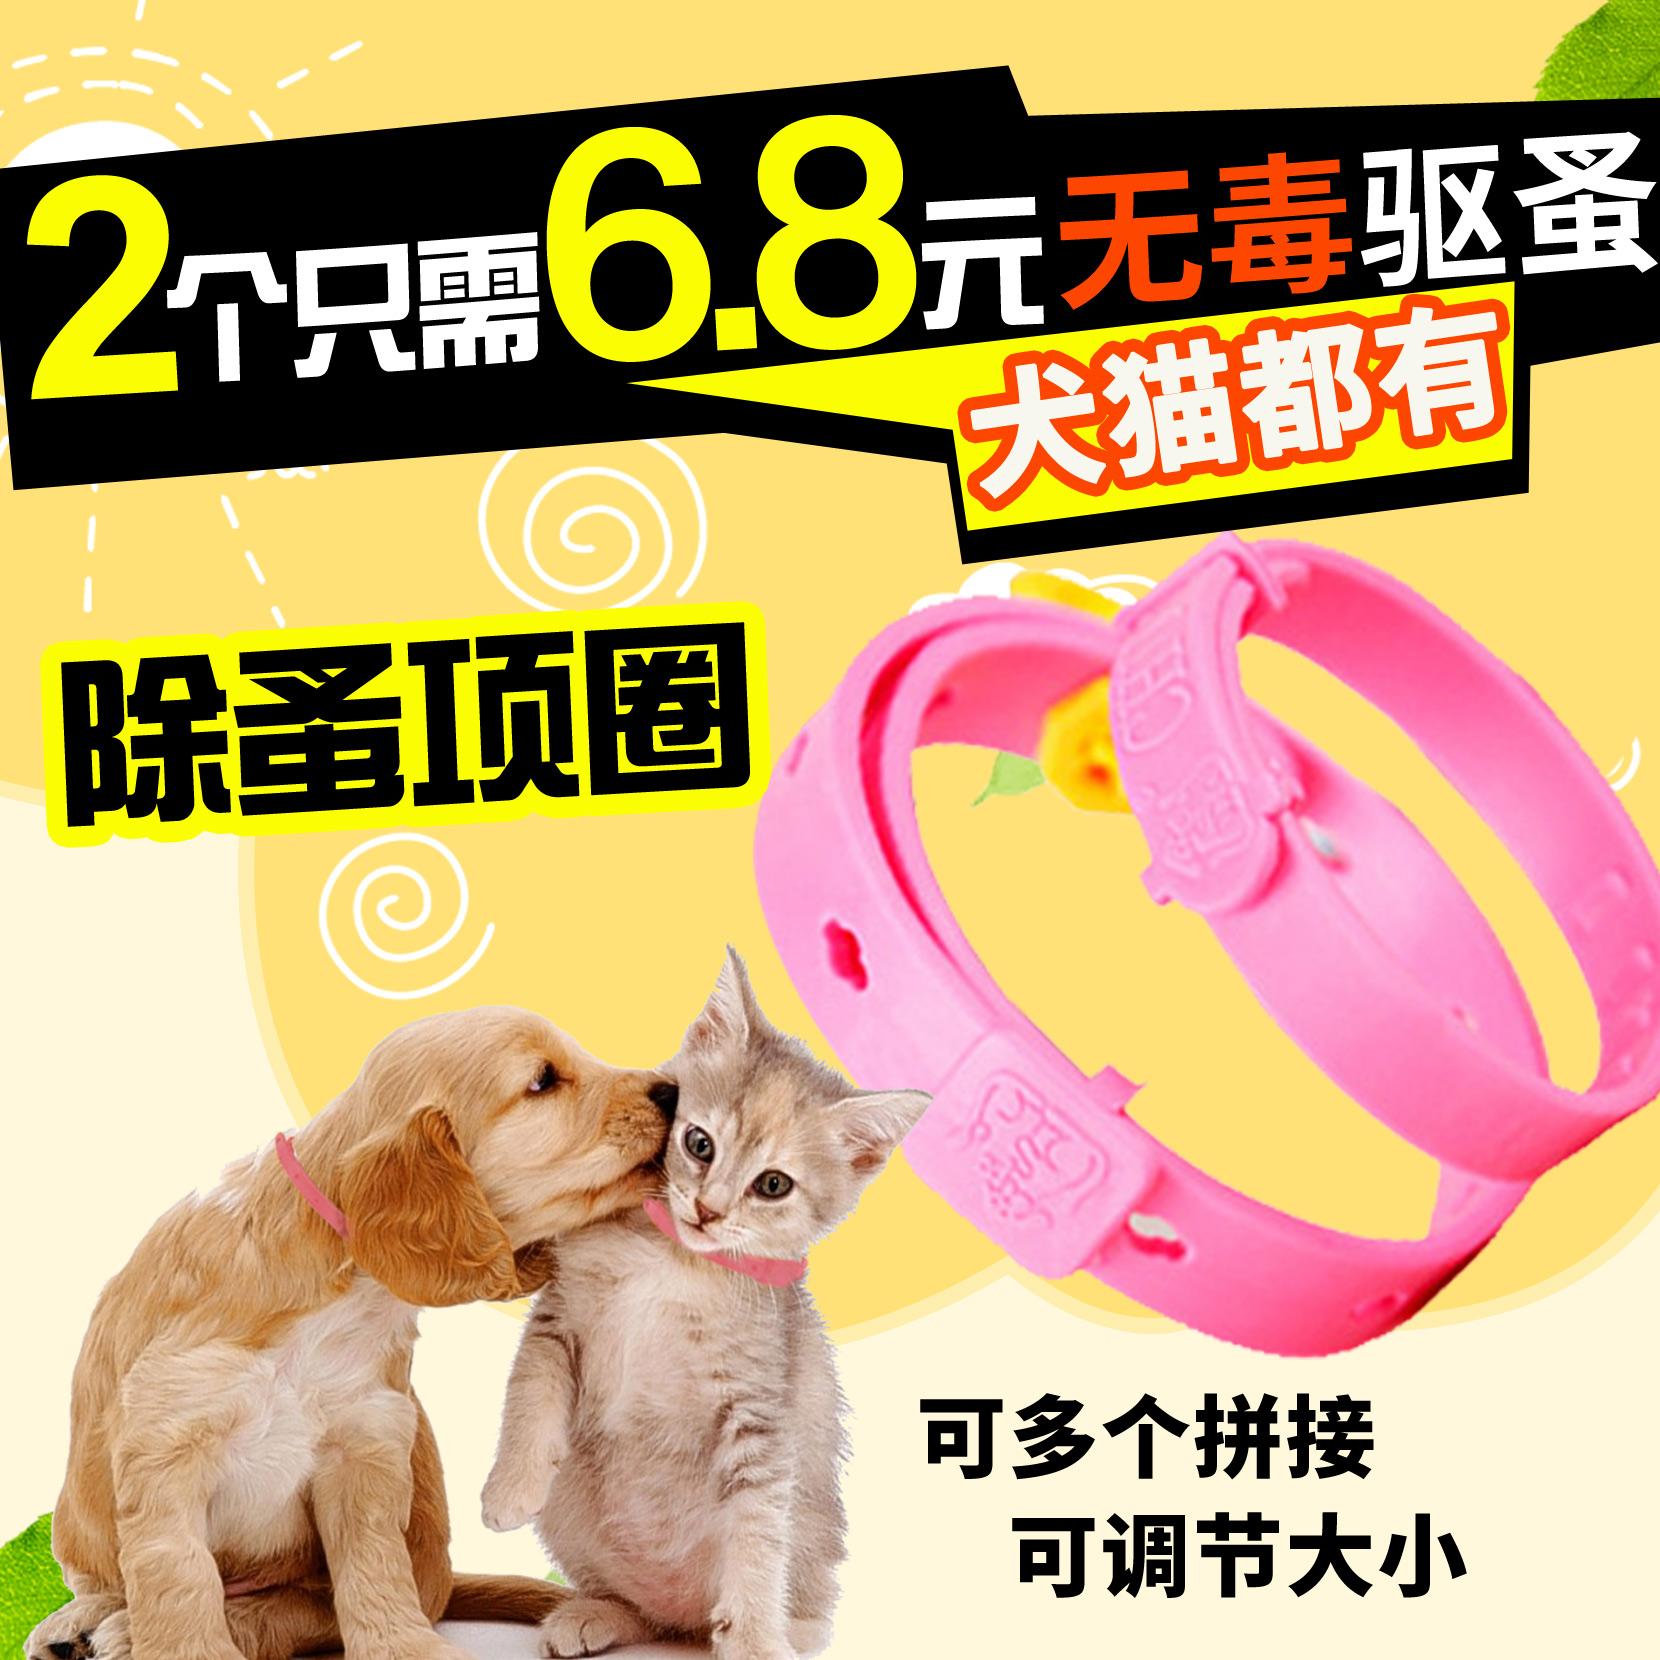 2只价 狗狗猫咪体外驱虫圈除蚤项圈宠物驱虫去防跳蚤虱子狗圈猫圈